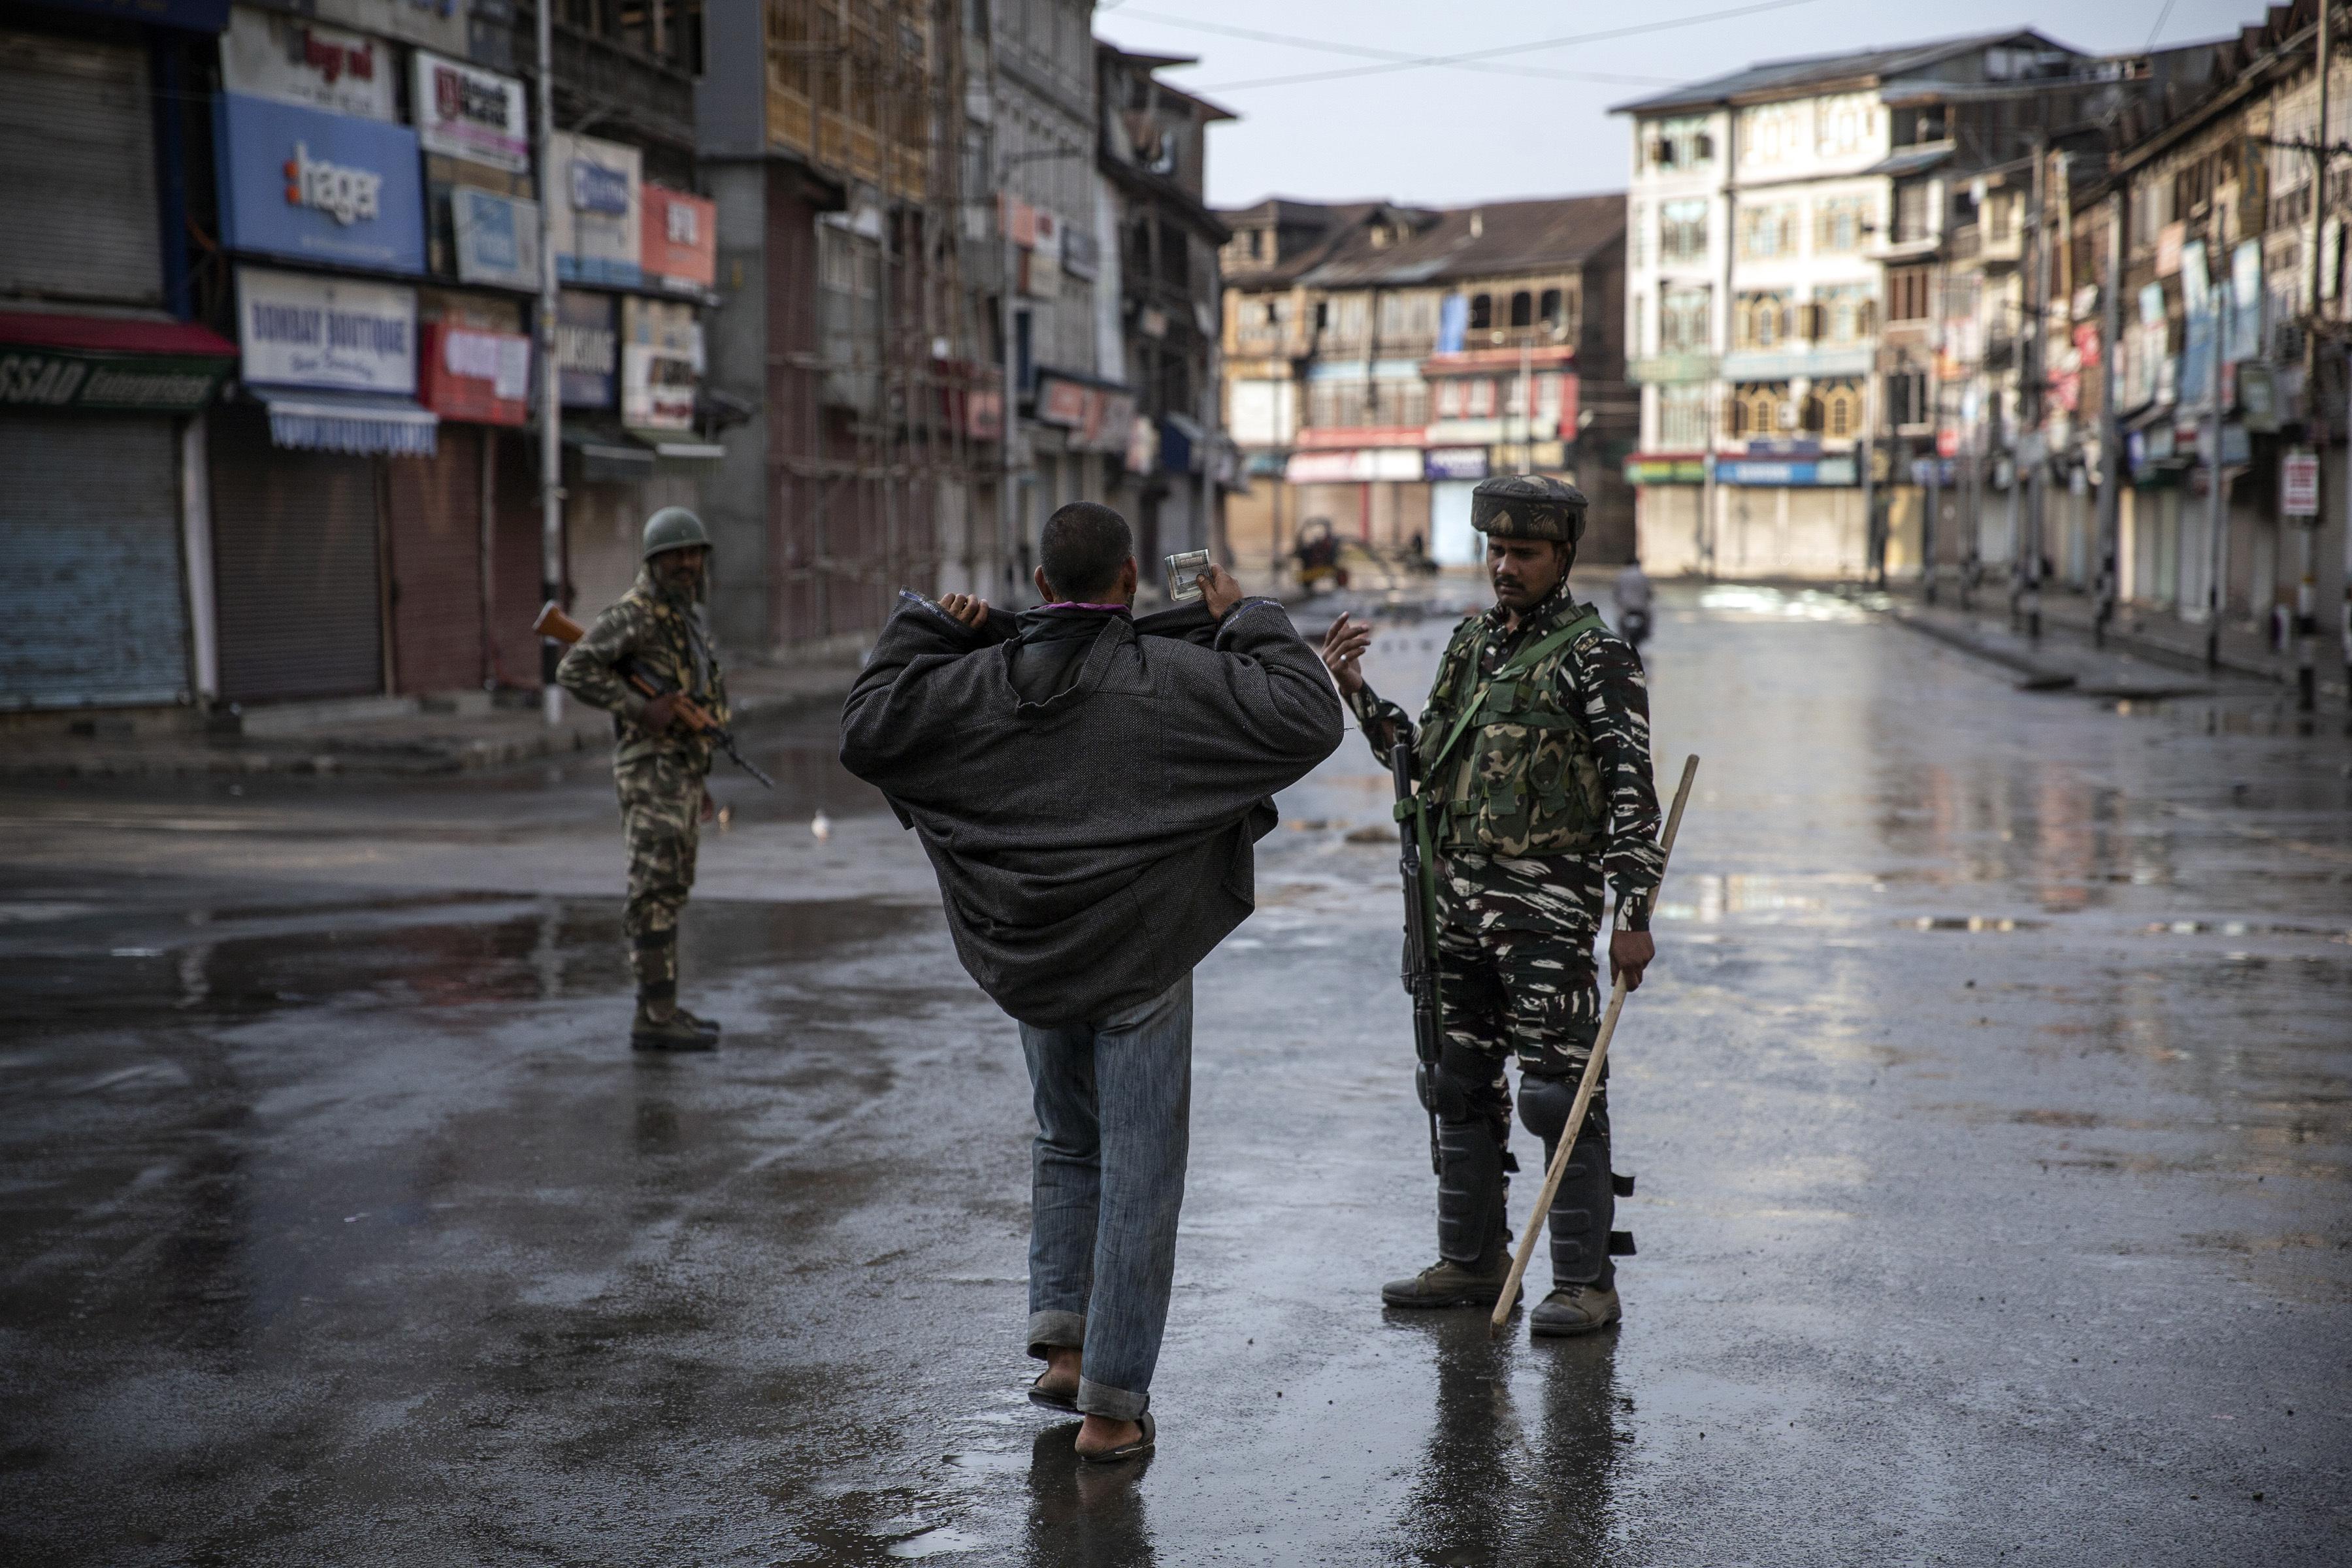 Un soldado paramilitar indio le ordena a un cachemir abrir su chaqueta antes de registrarlo durante el toque de queda en Srinagar, Cachemira controlada por los indios, el 8 de agosto de 2019. El hermoso valle del Himalaya está inundado de soldados y barricadas de alambre de púas. (Foto AP / Dar Yasin)